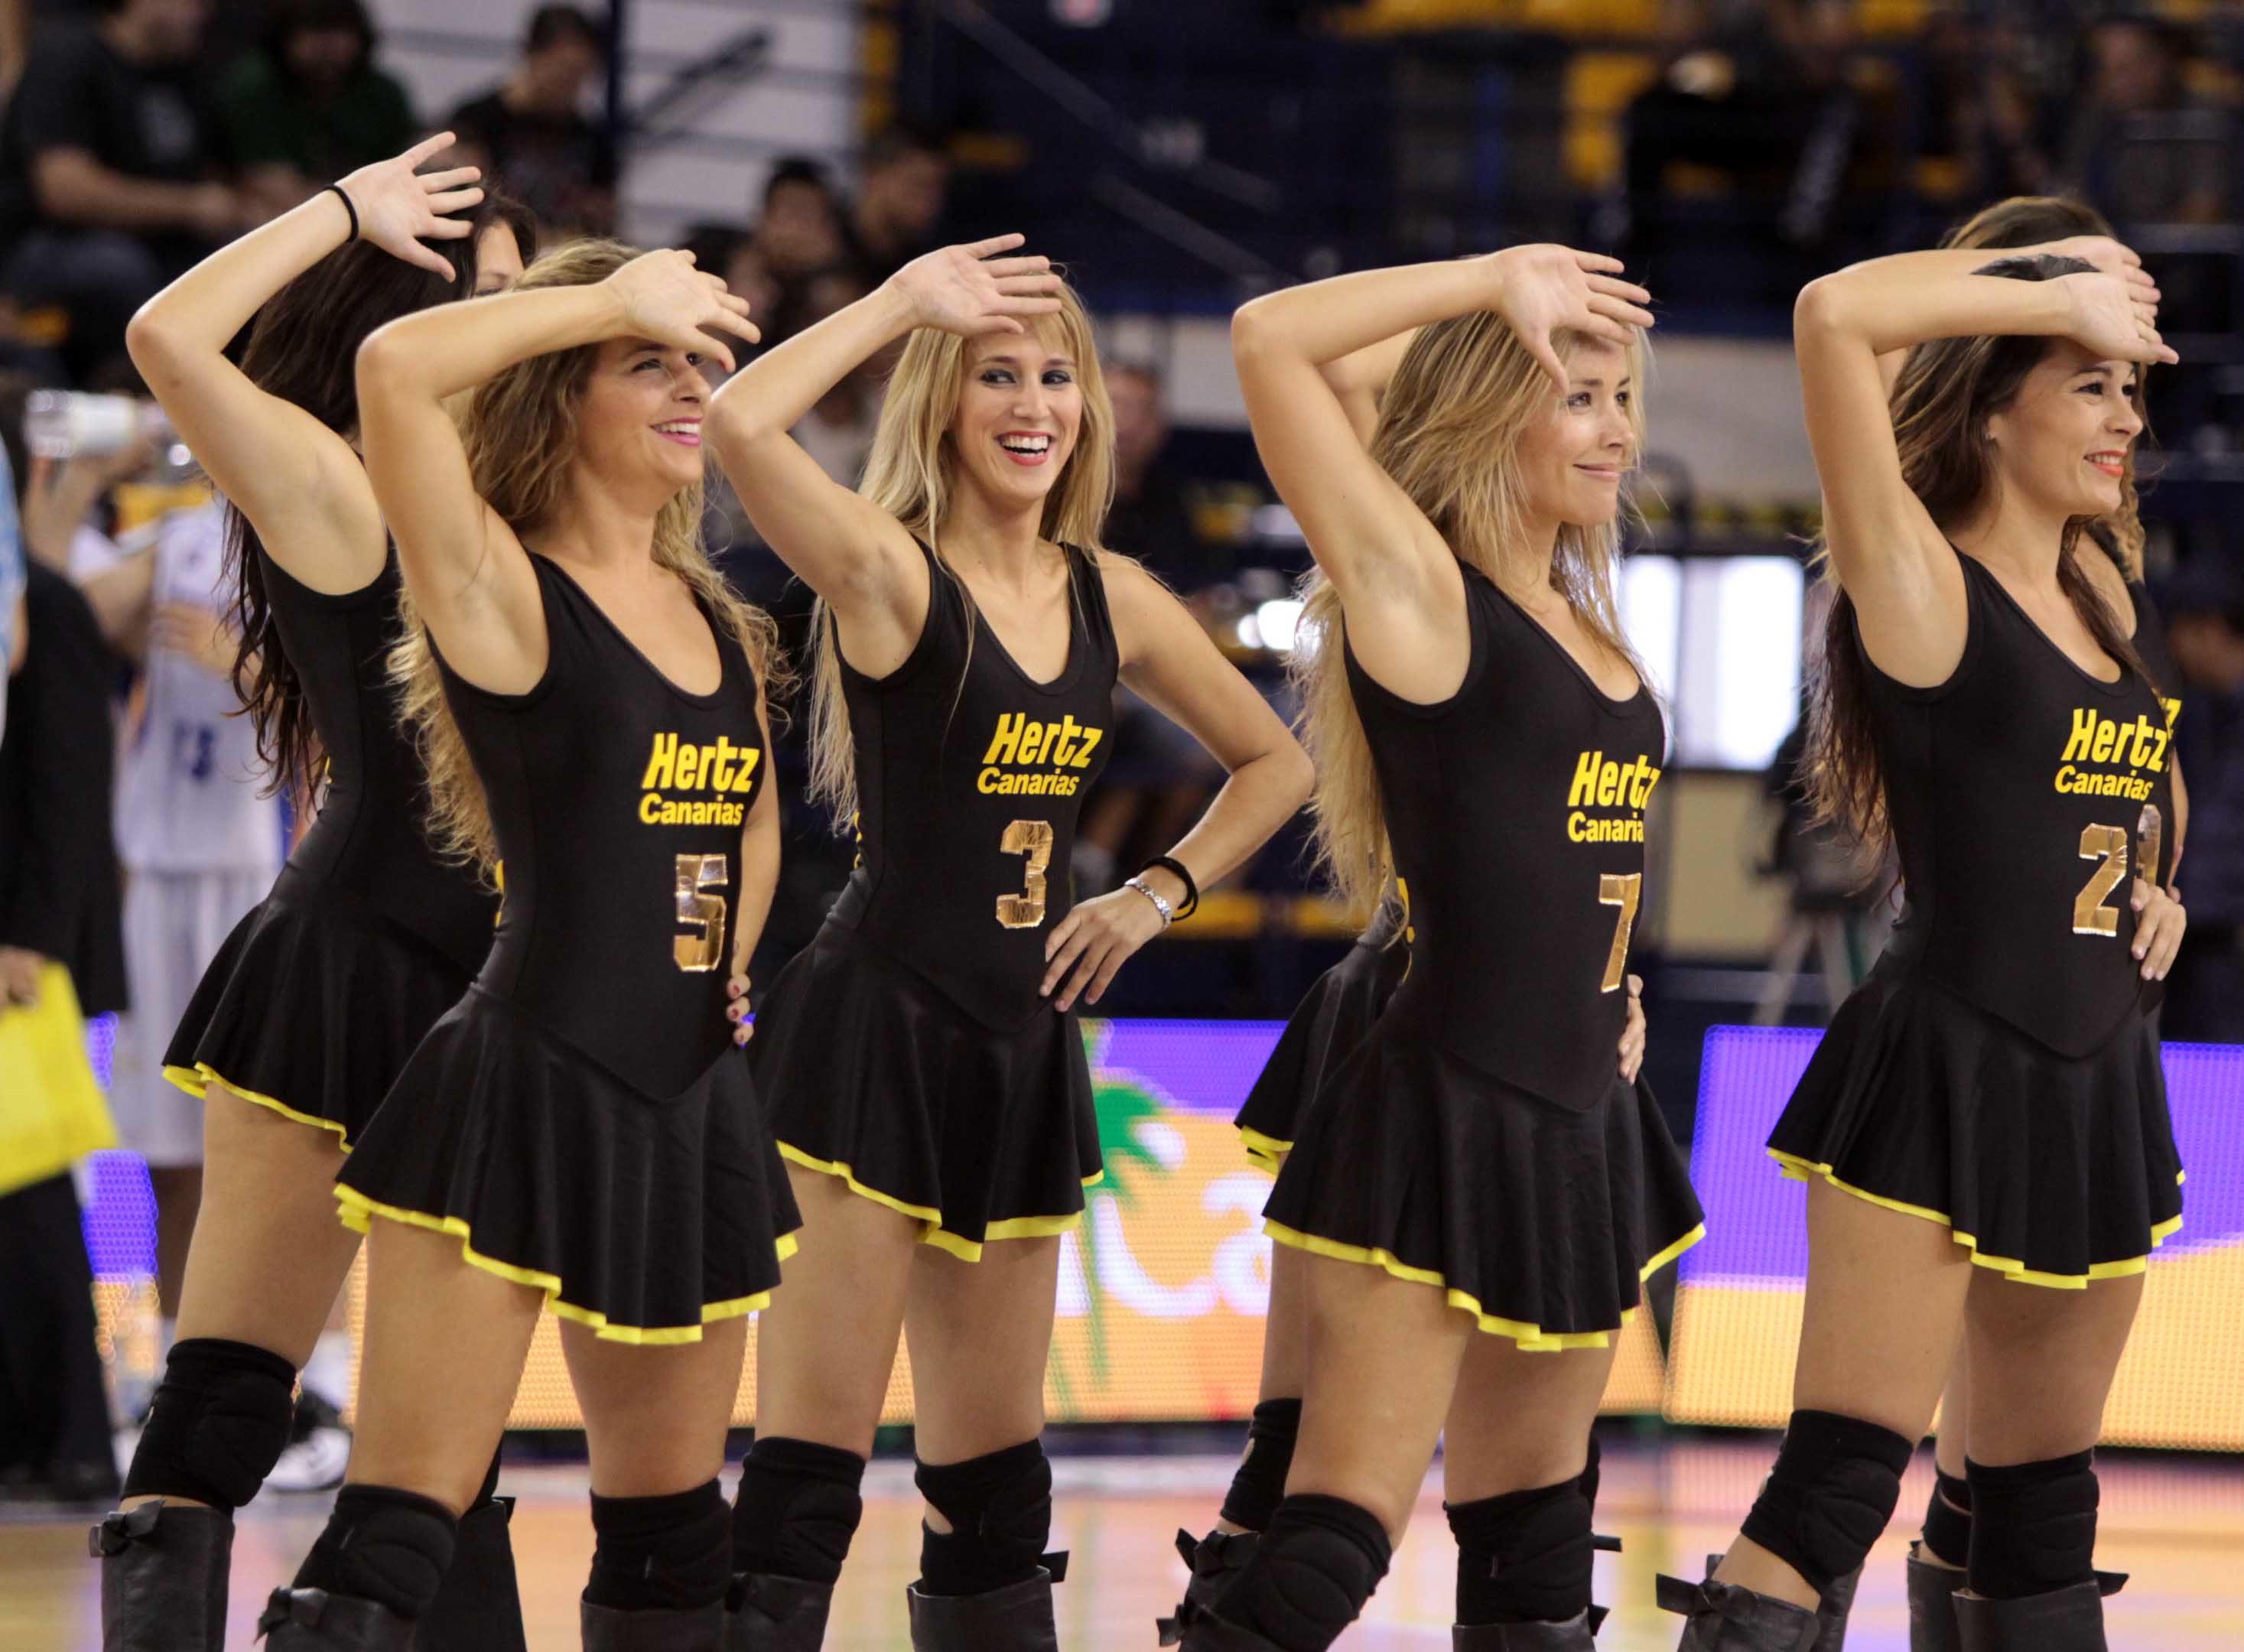 Personal Plus Basketball Cheerleaders | Personal Plus